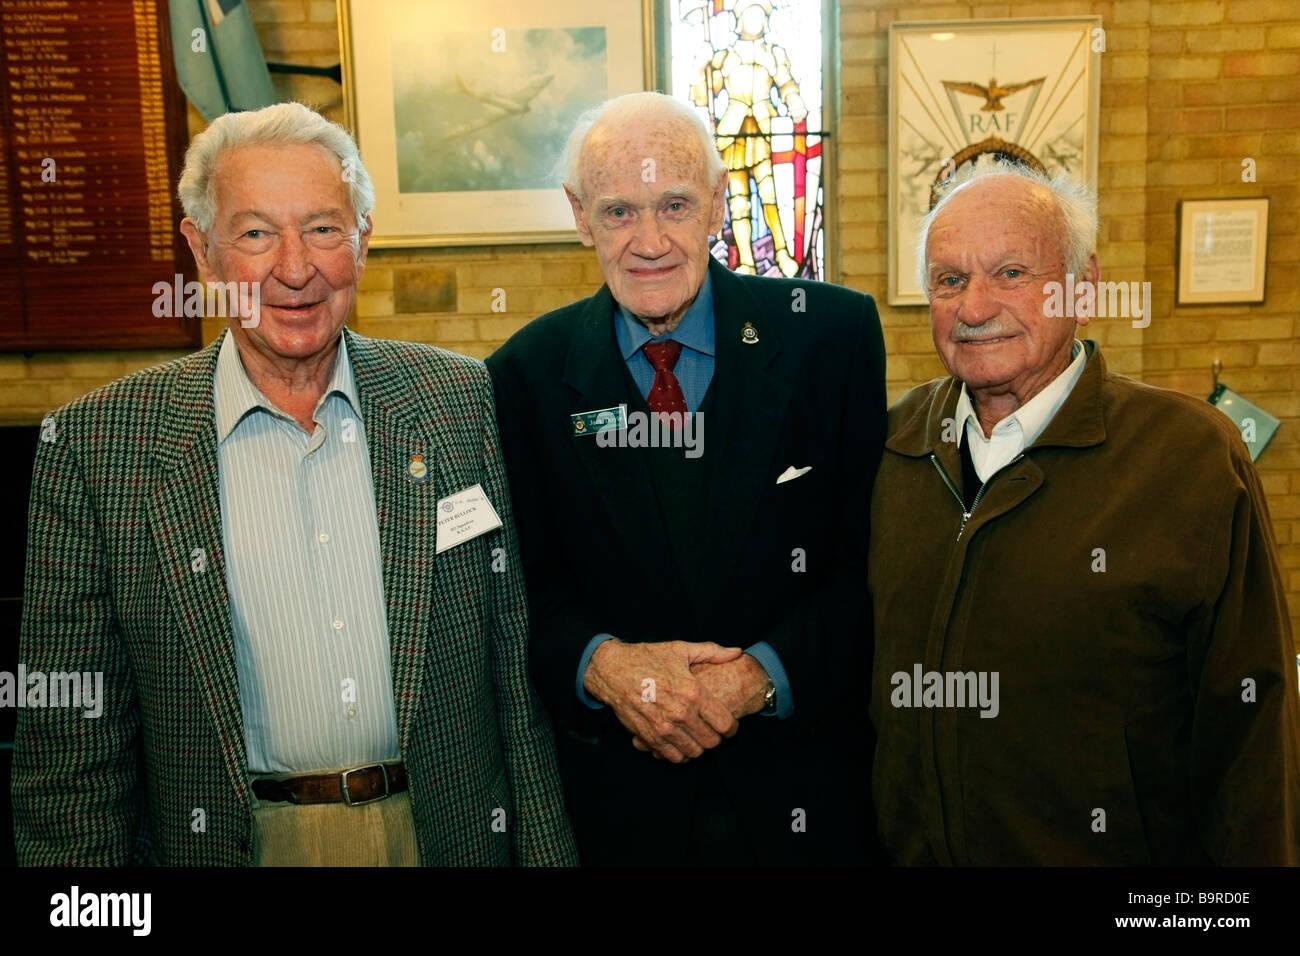 Anciens combattants australiens posent pour la photo. Chapelle de la RAF, Biggin Hill, Bromley, Kent, Londres, Angleterre, Photo Stock